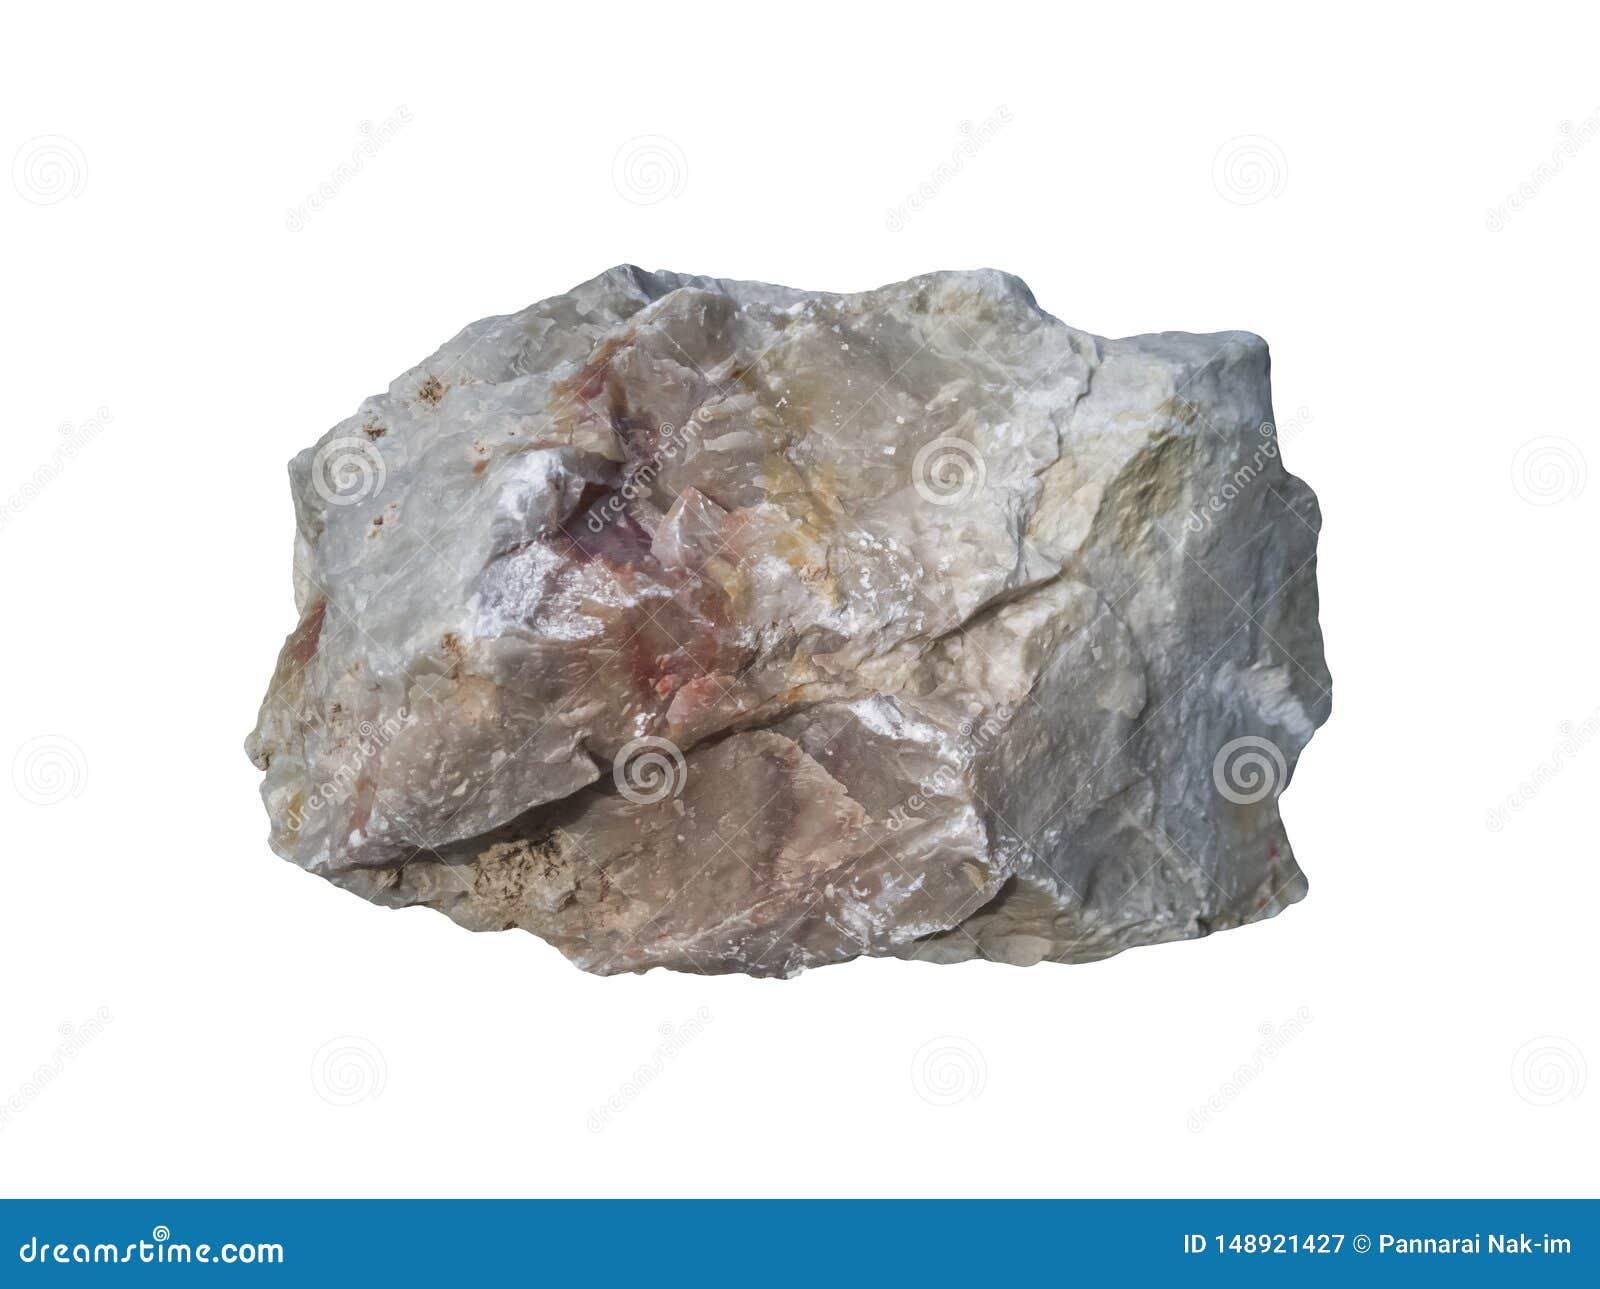 Quartzite stone isolated on white background.